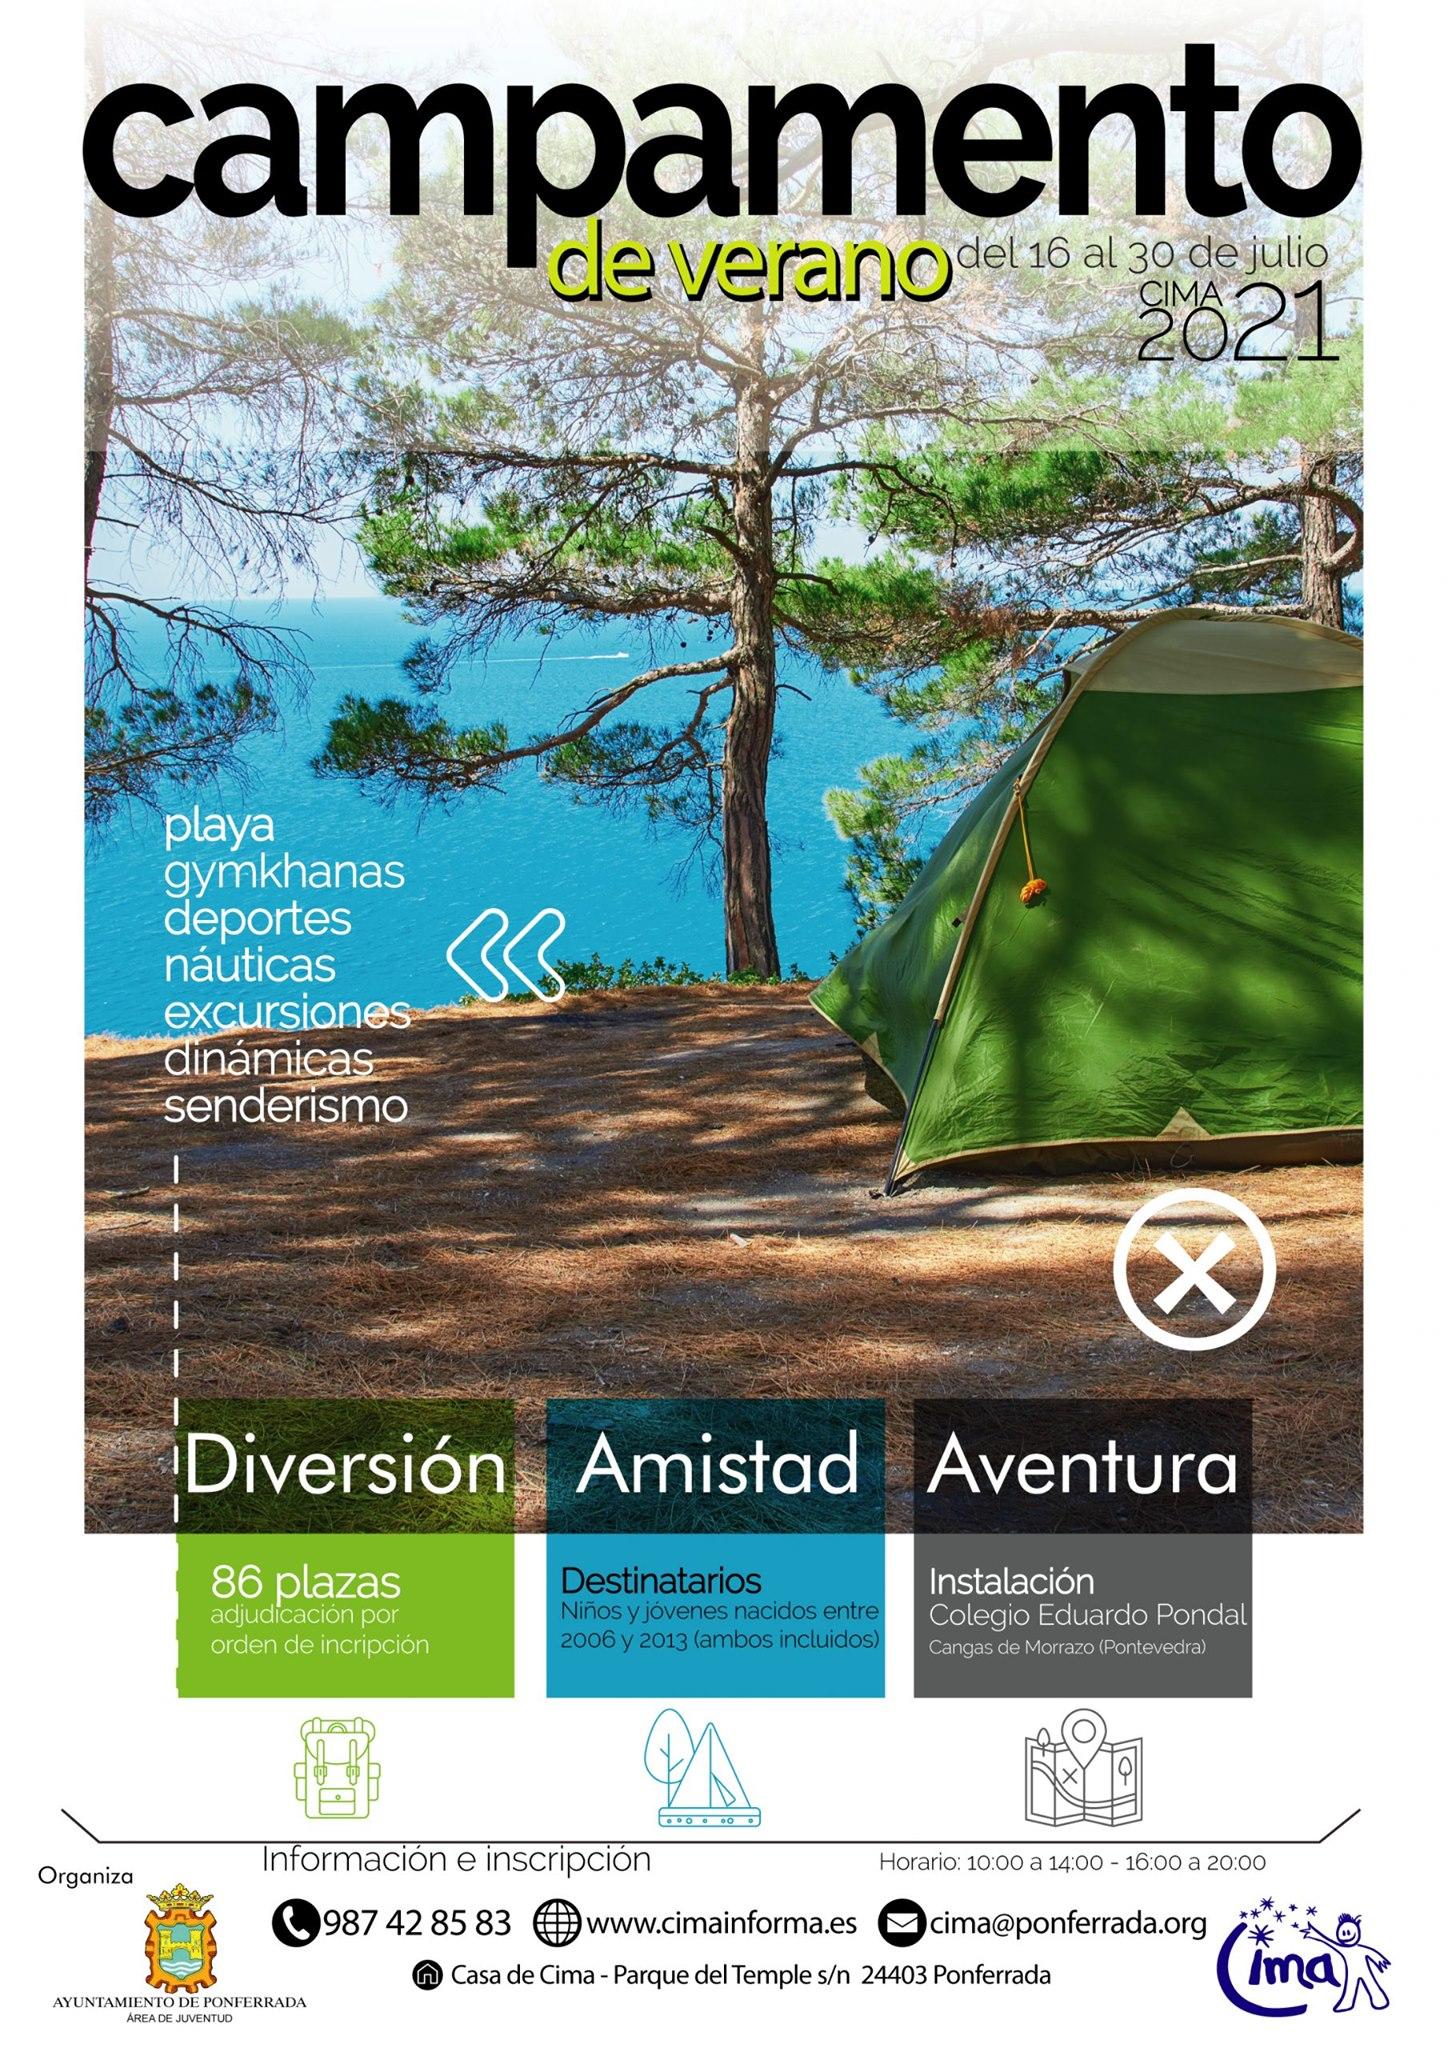 Campamentos y Campus de verano 2021 en Ponferrada y El Bierzo 16